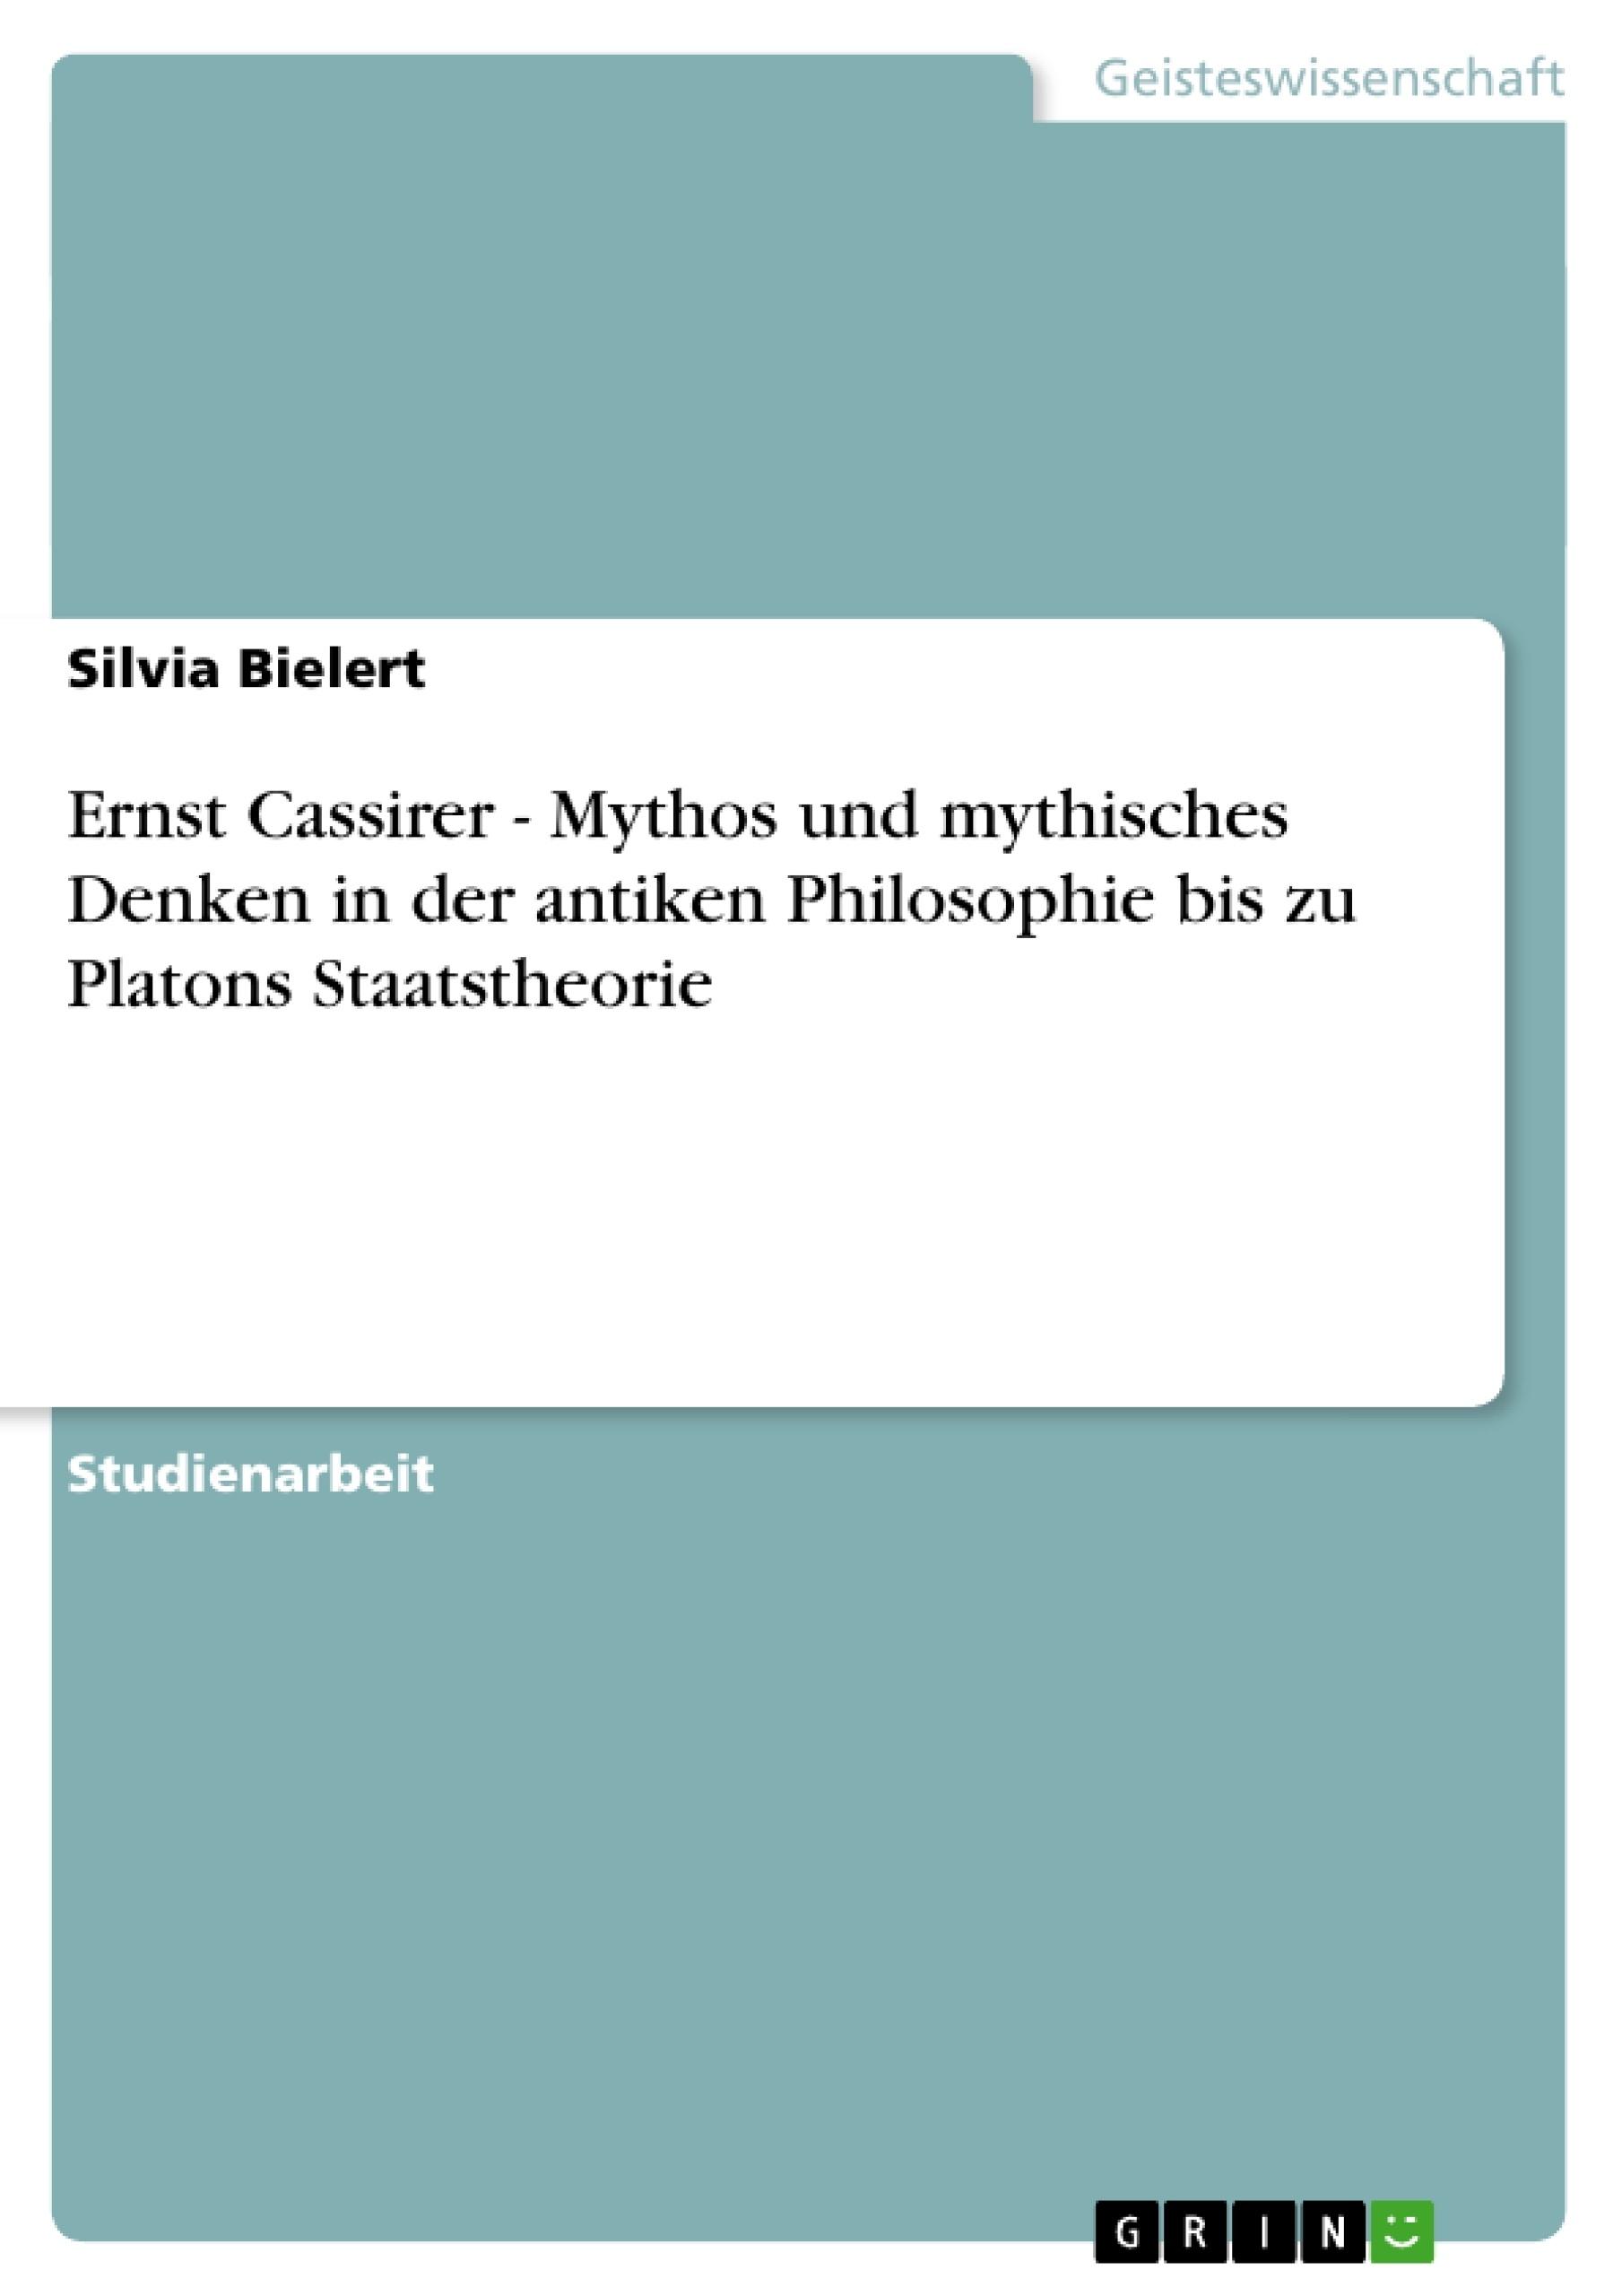 Titel: Ernst Cassirer - Mythos und mythisches Denken in der antiken Philosophie bis zu Platons Staatstheorie